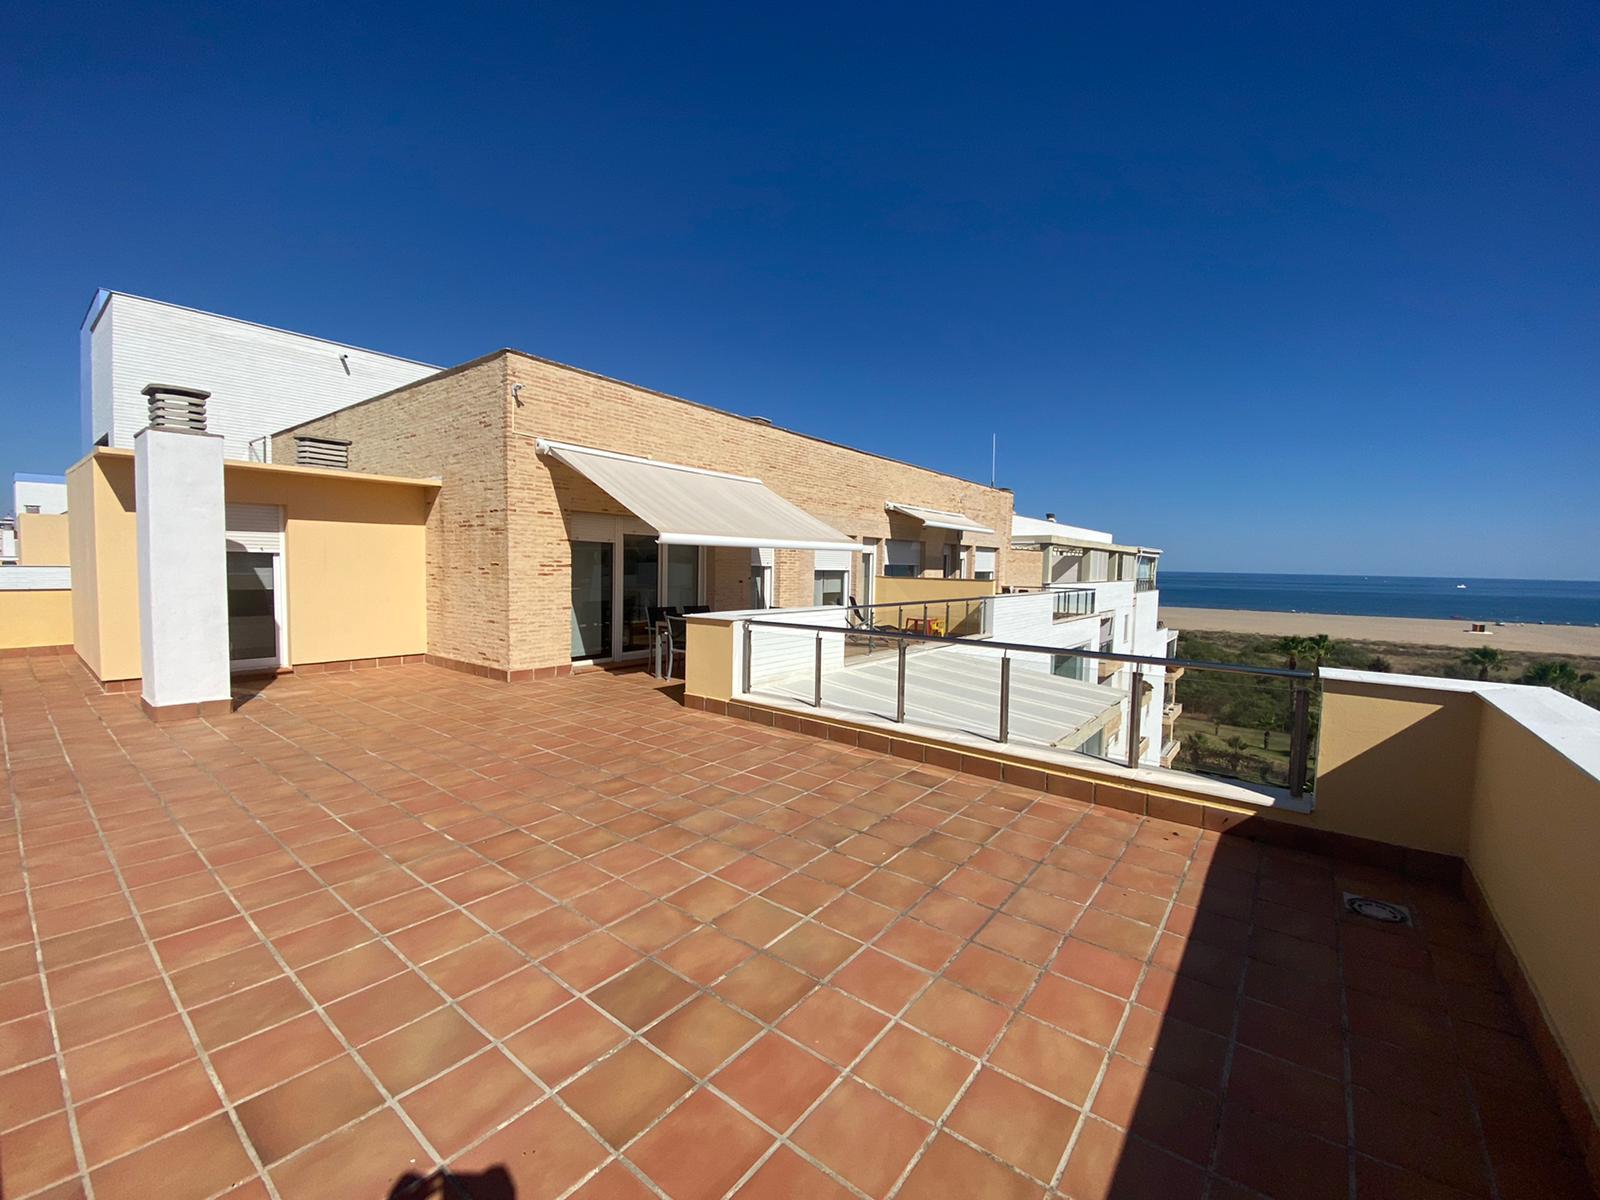 Imagen 1 del Apartamento Turístico, Ático 8 Central (3d+2b), Punta del Moral (HUELVA), Paseo de la Cruz nº22